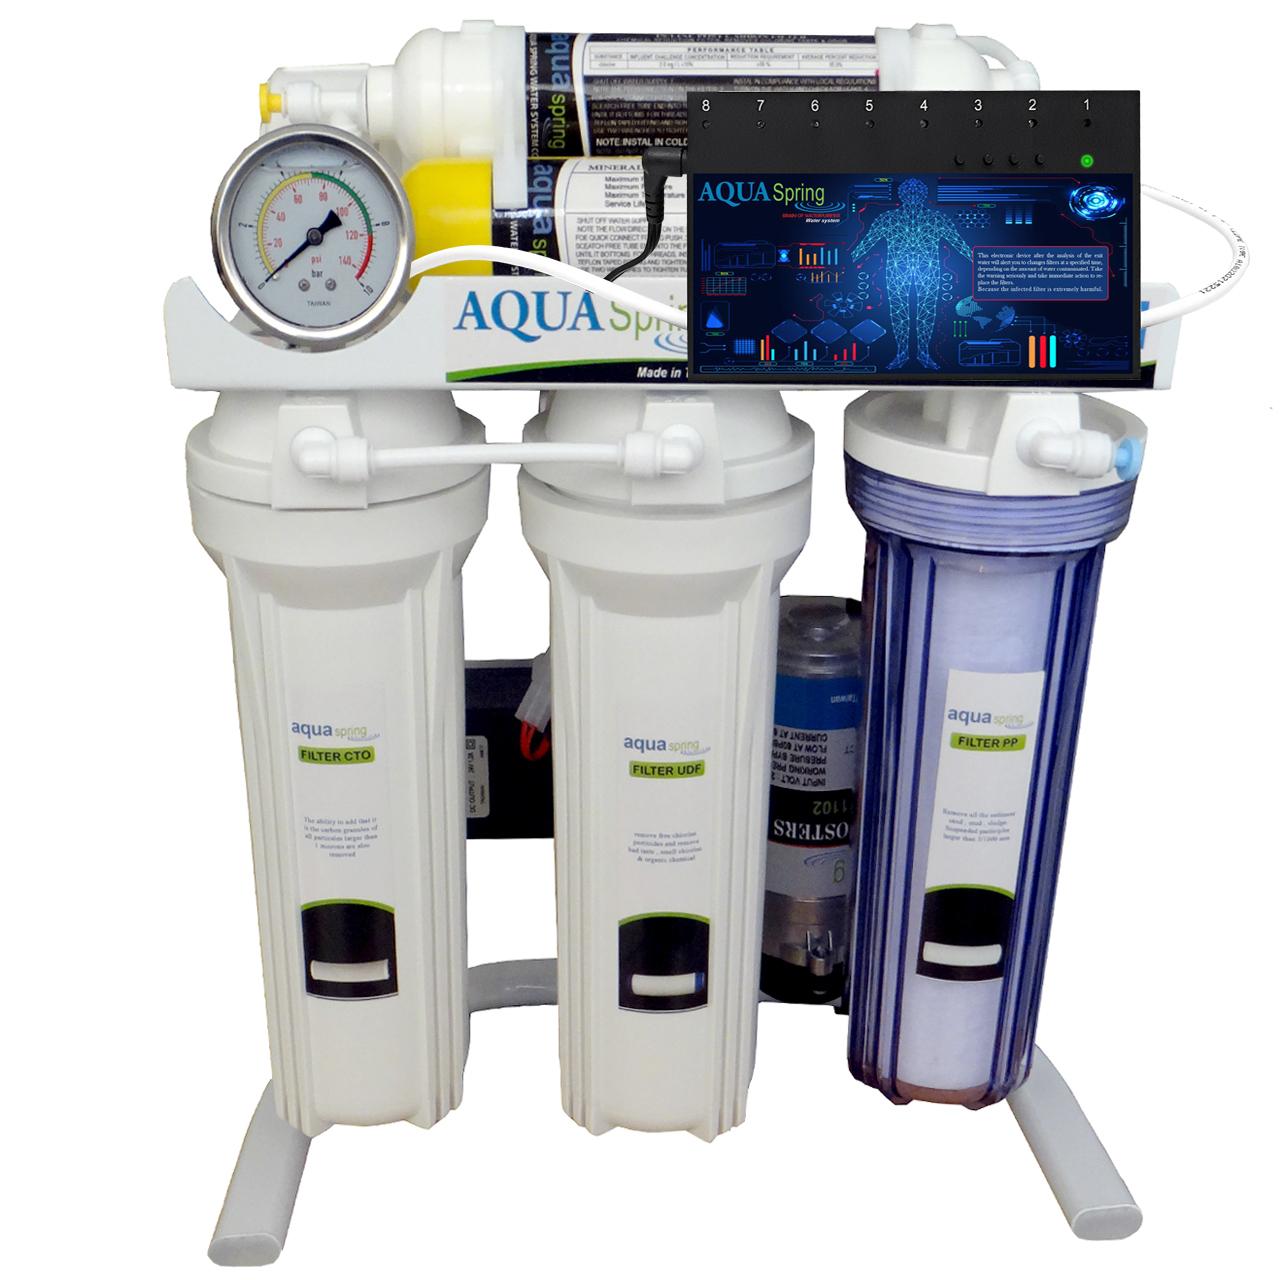 تصفیه کننده آب آکوآ اسپرینگ مدل RO-ARTIFICAL-INTIFICIAL- S140